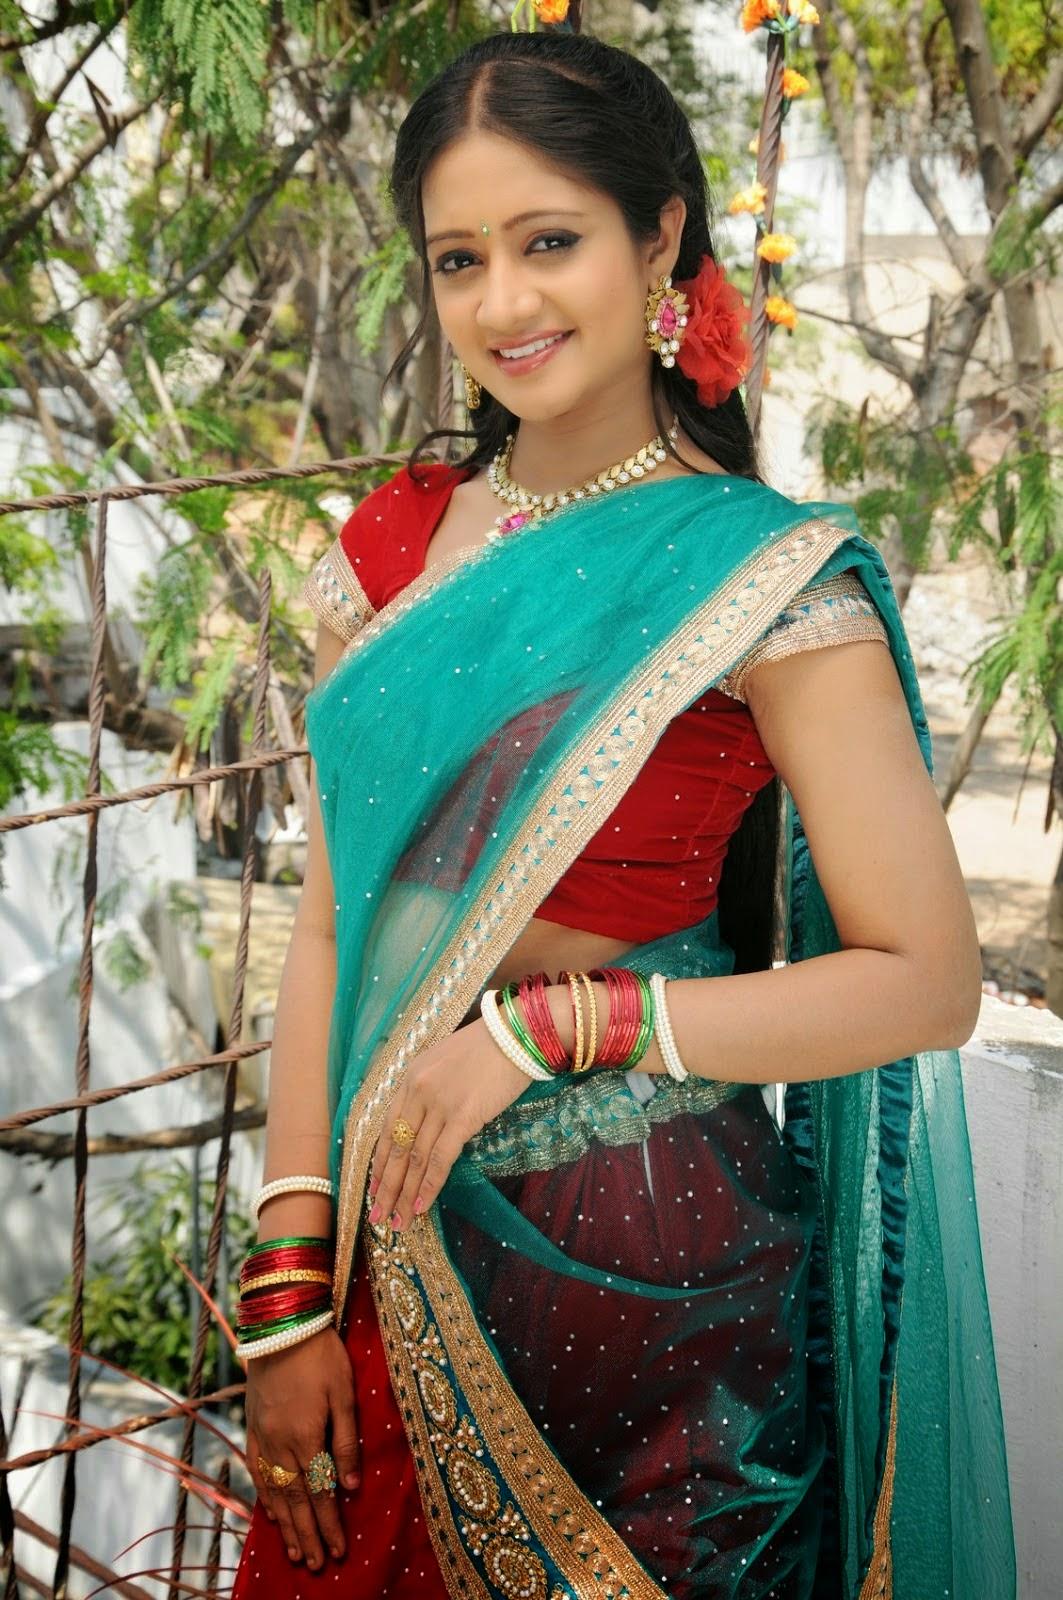 Spicy Saree: Actress Sandeepthi Hot Navel Stills In Sexy Half Saree